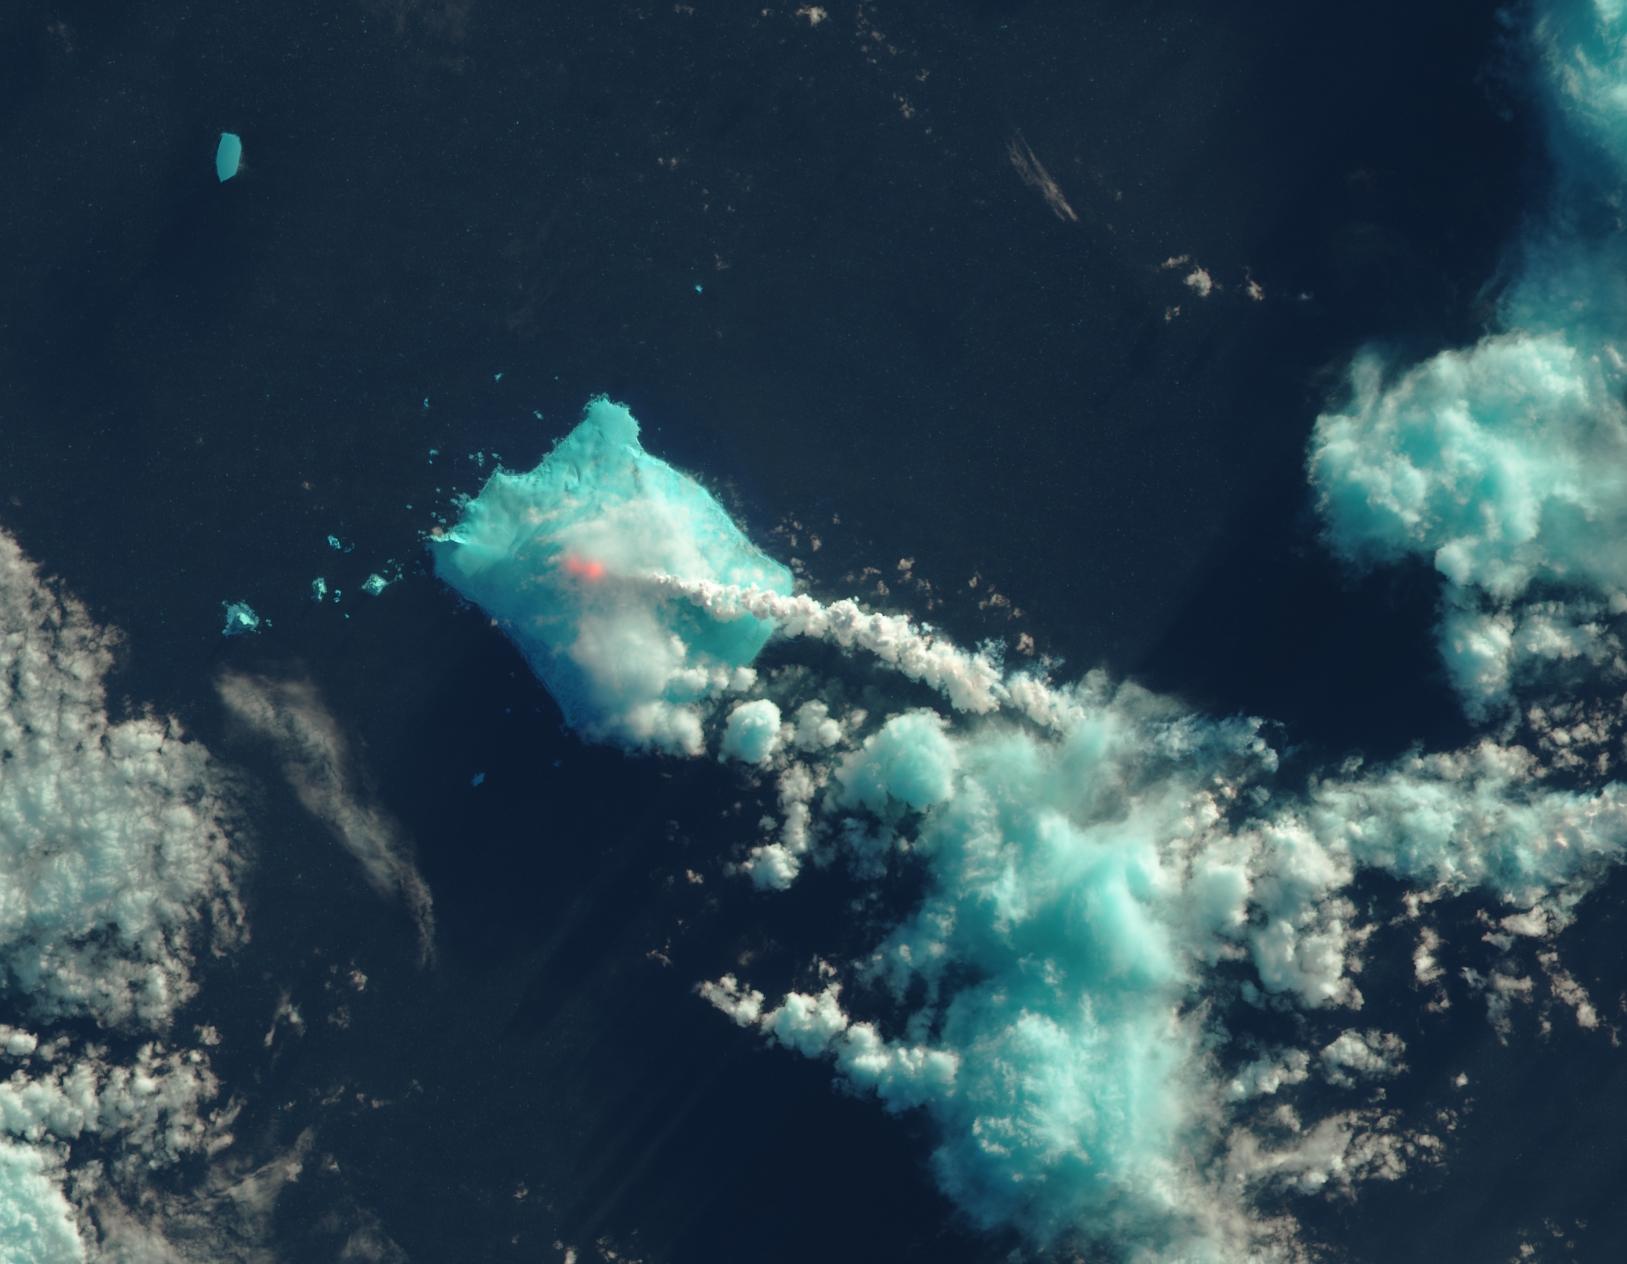 Isla Blanco, 1 de mayo de 2016, Landsat 8 OLI, Imagen en Falso Color